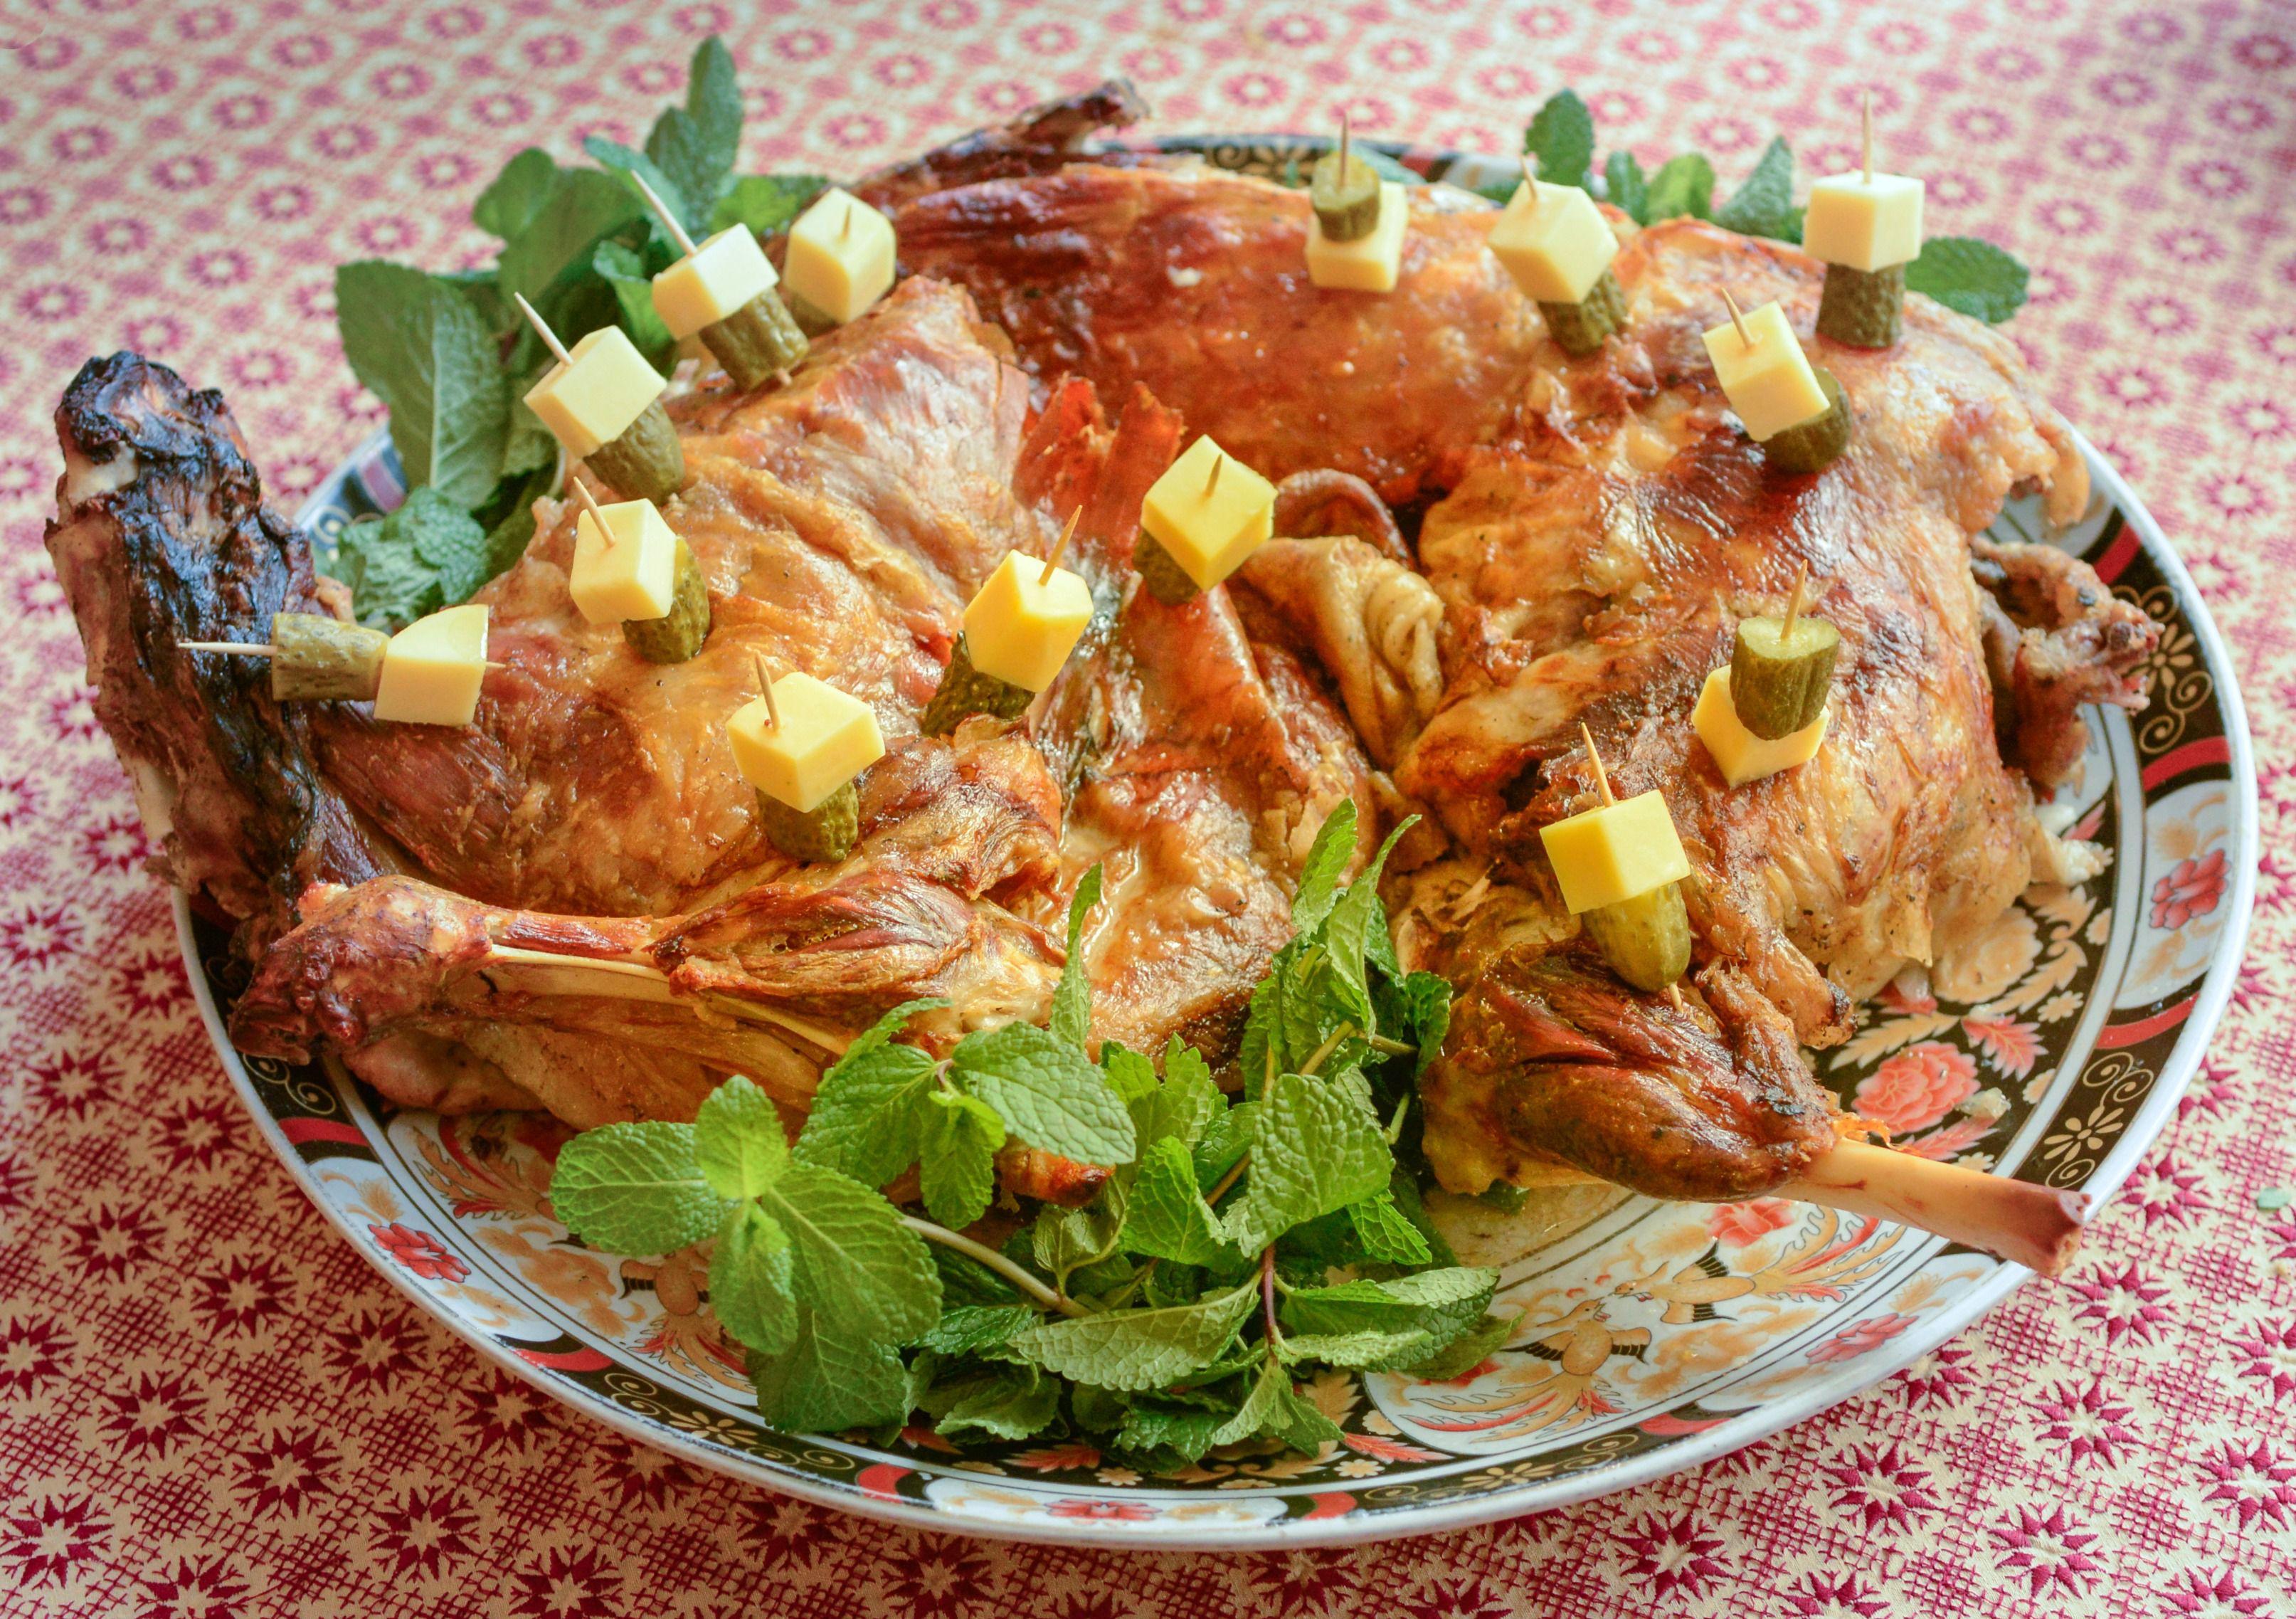 Moroccan Mechoui Recipe For Roased Leg Of Lamb